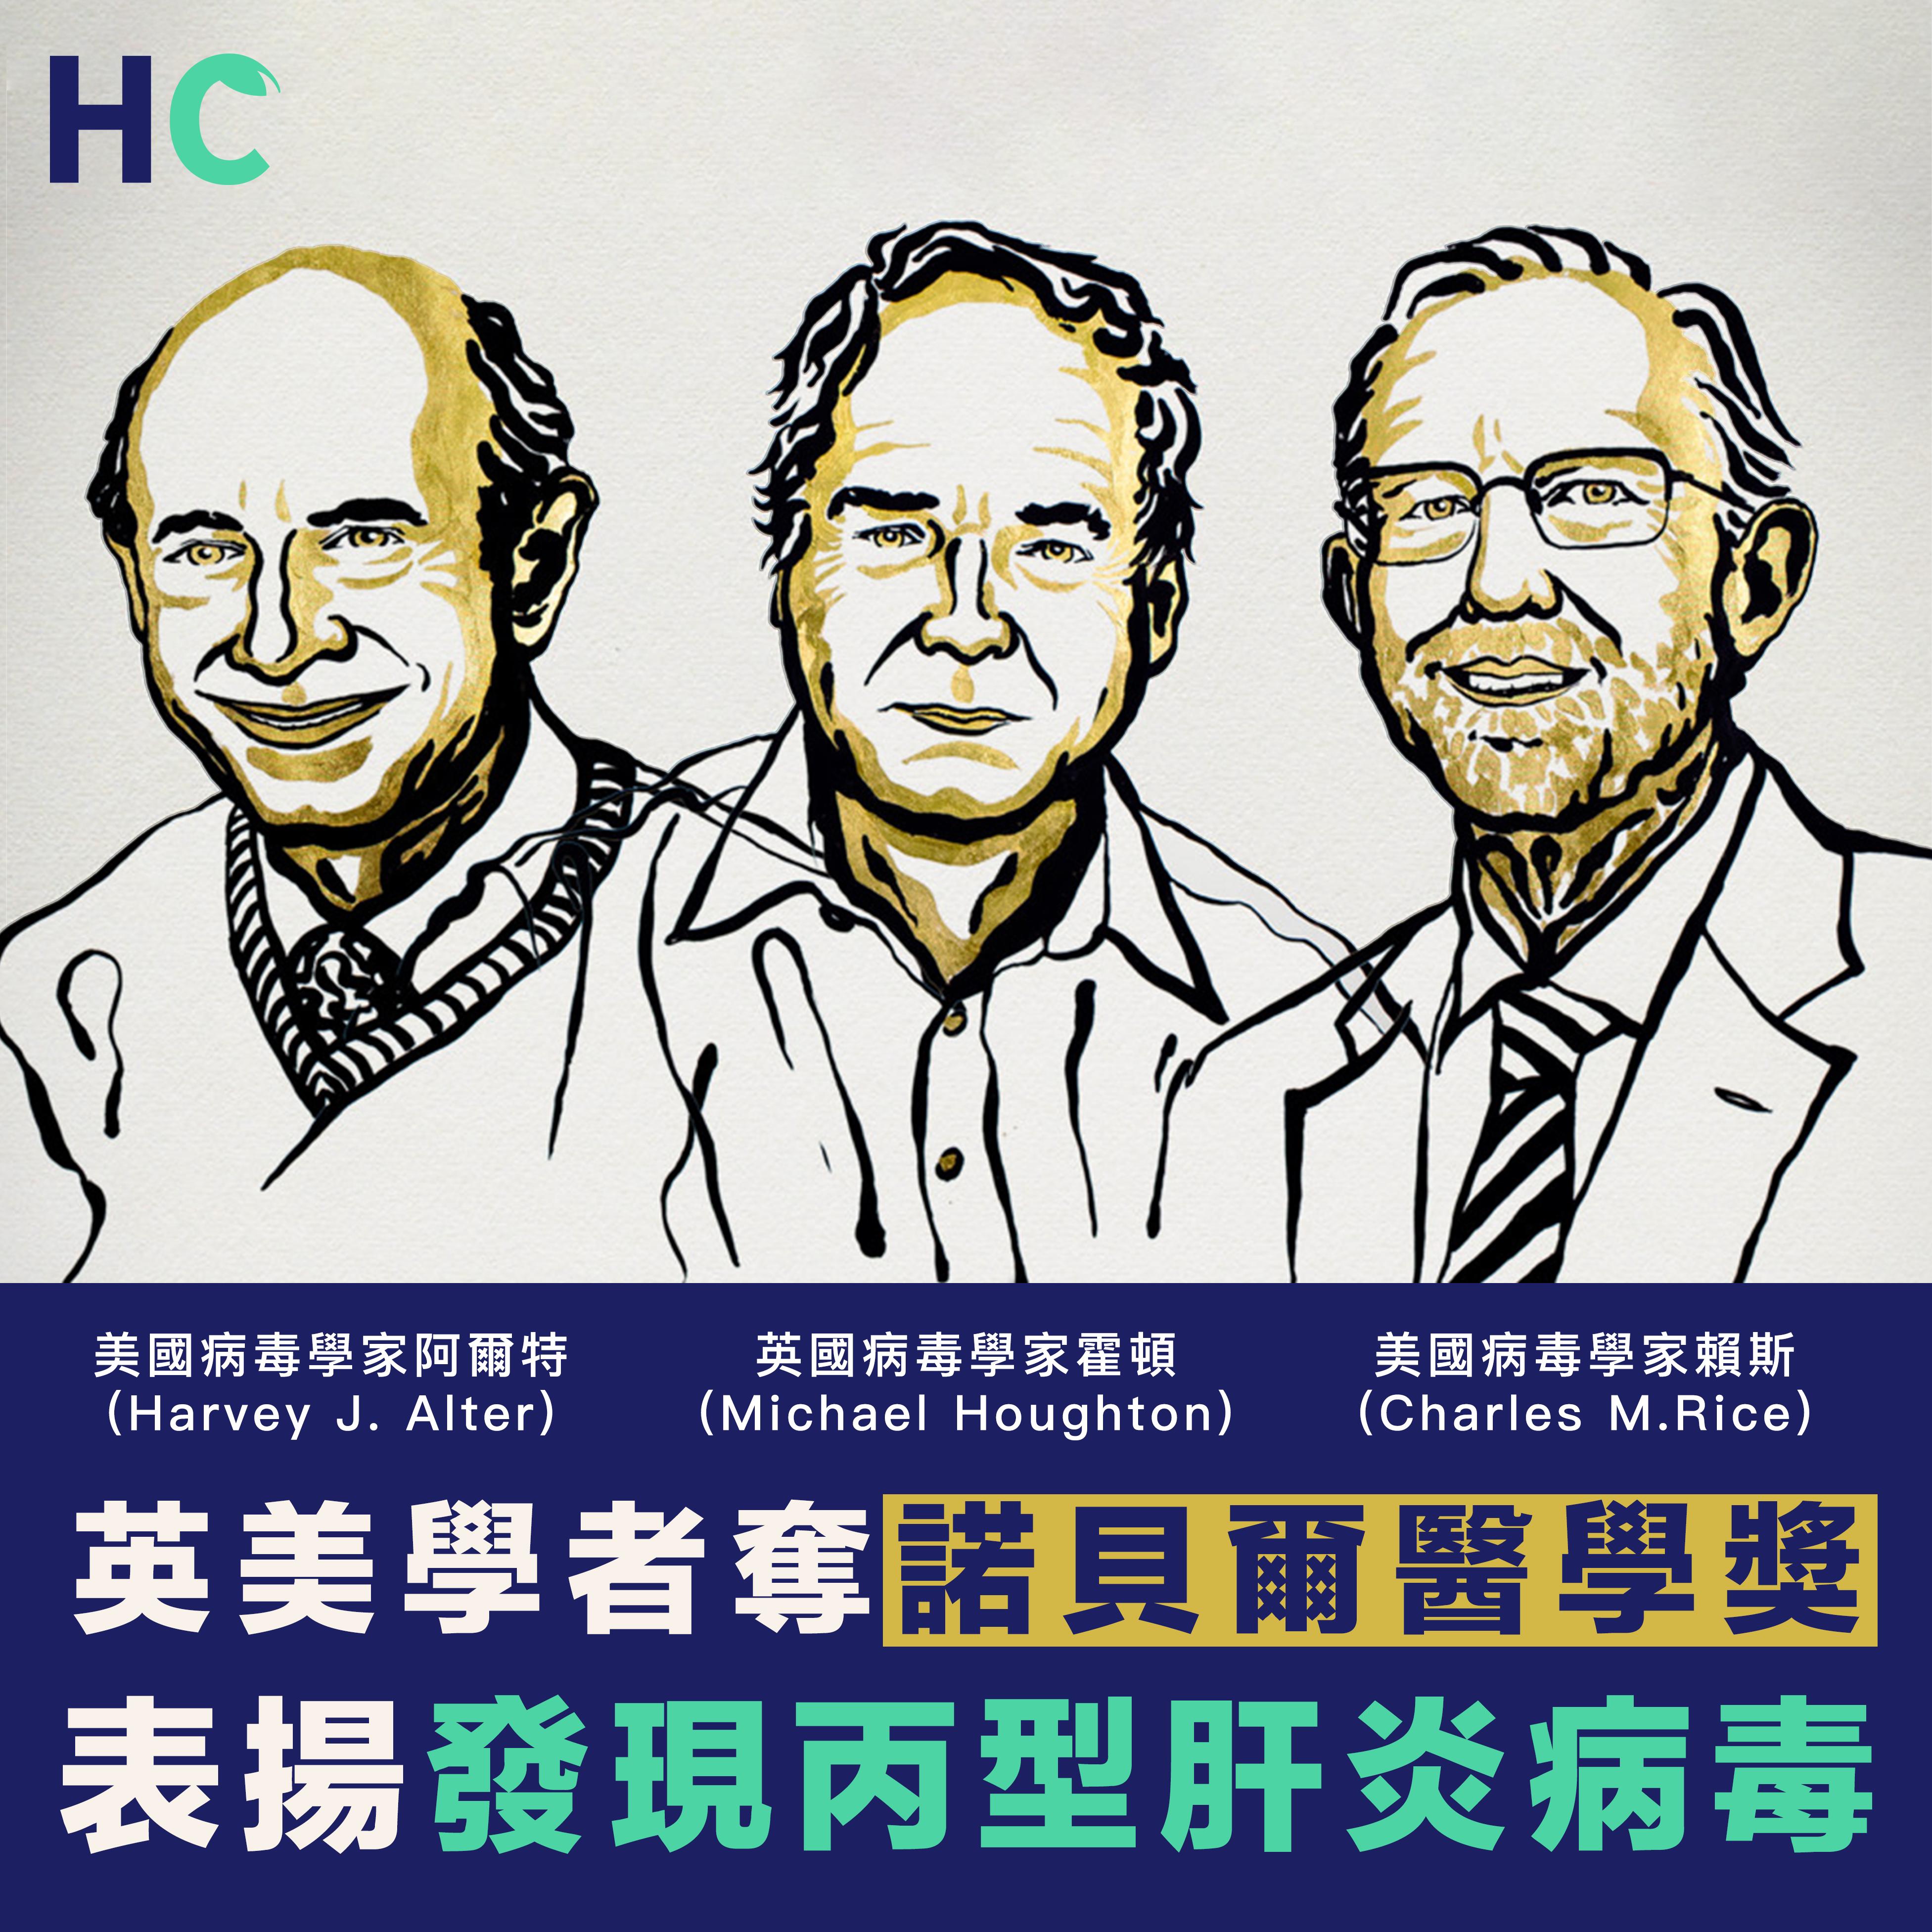 【諾貝爾獎】英美學者奪諾貝爾醫學獎 表揚發現丙型肝炎病毒